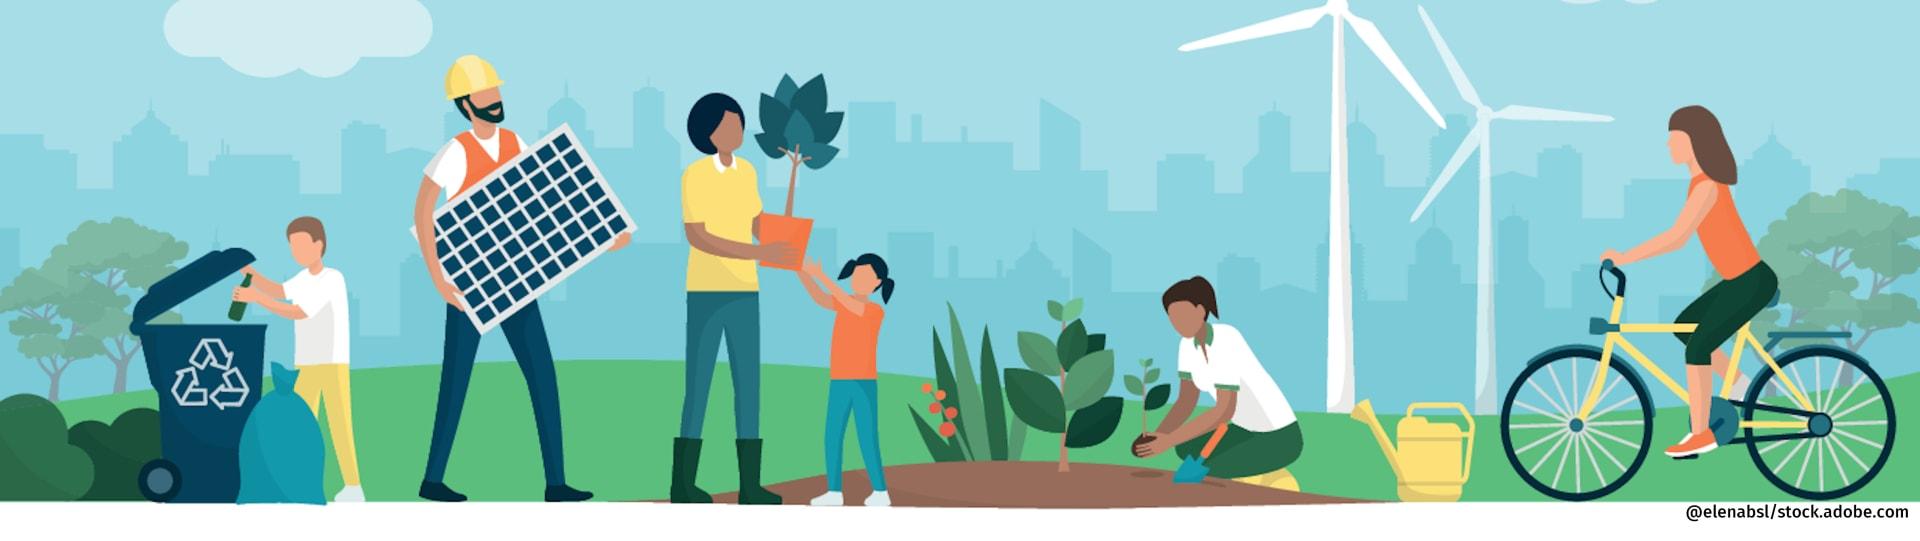 Darstellung nachhaltiger Lebensweisen wie Radfahren, Gärtnern und Mülltrennung